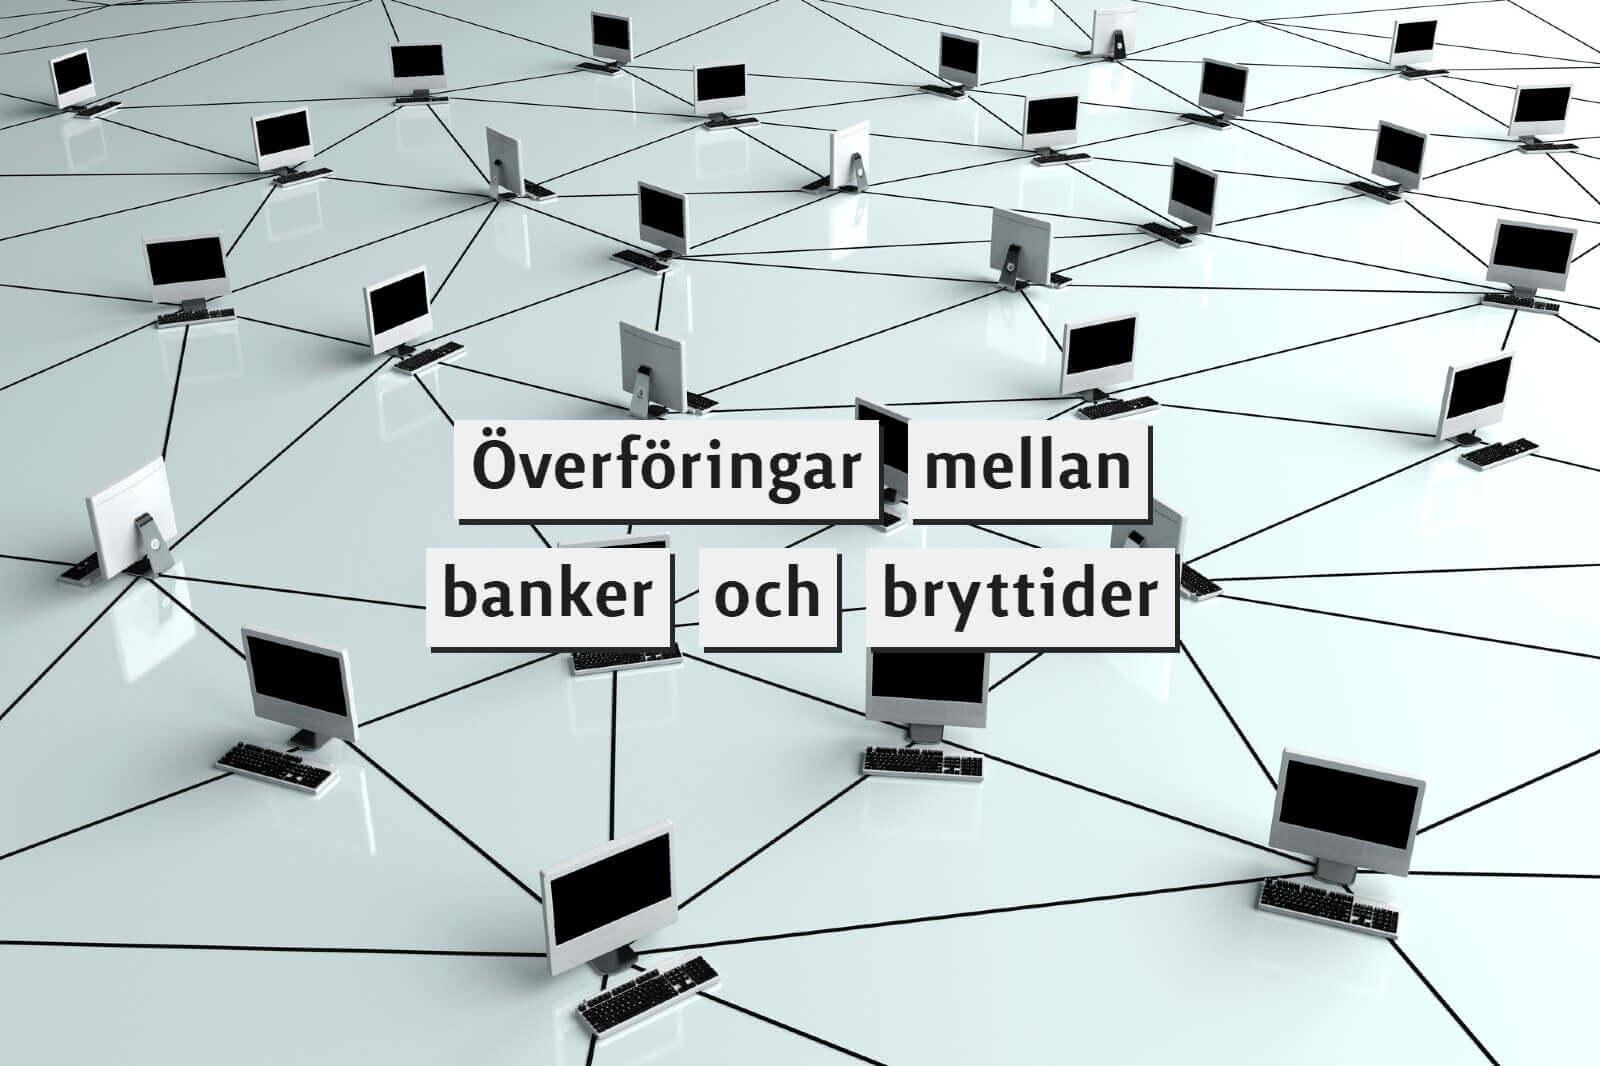 överföringar mellan banker och bryttider